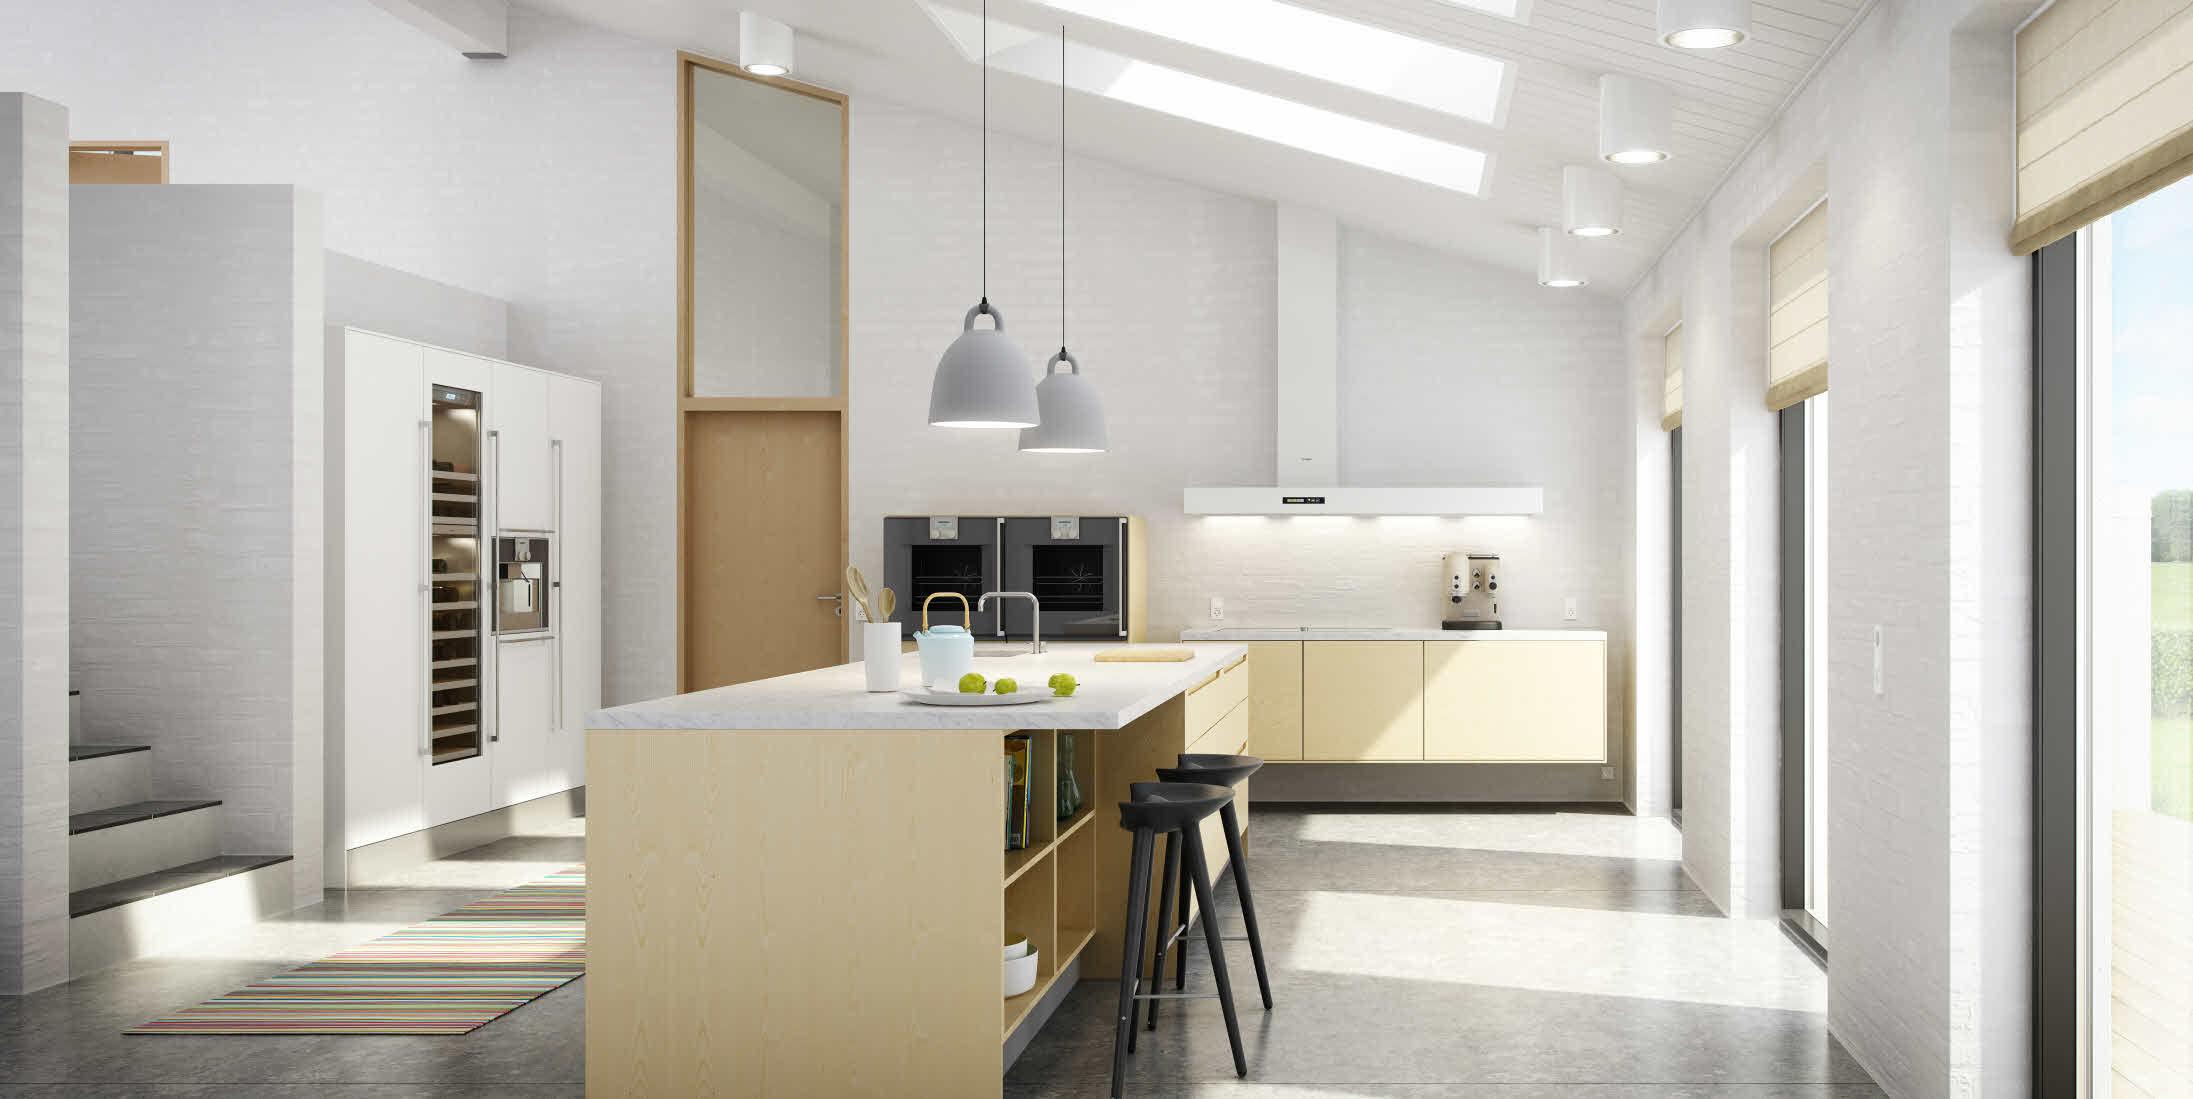 Moderne küche / esche / nussbaum / kochinsel   i series   uno form